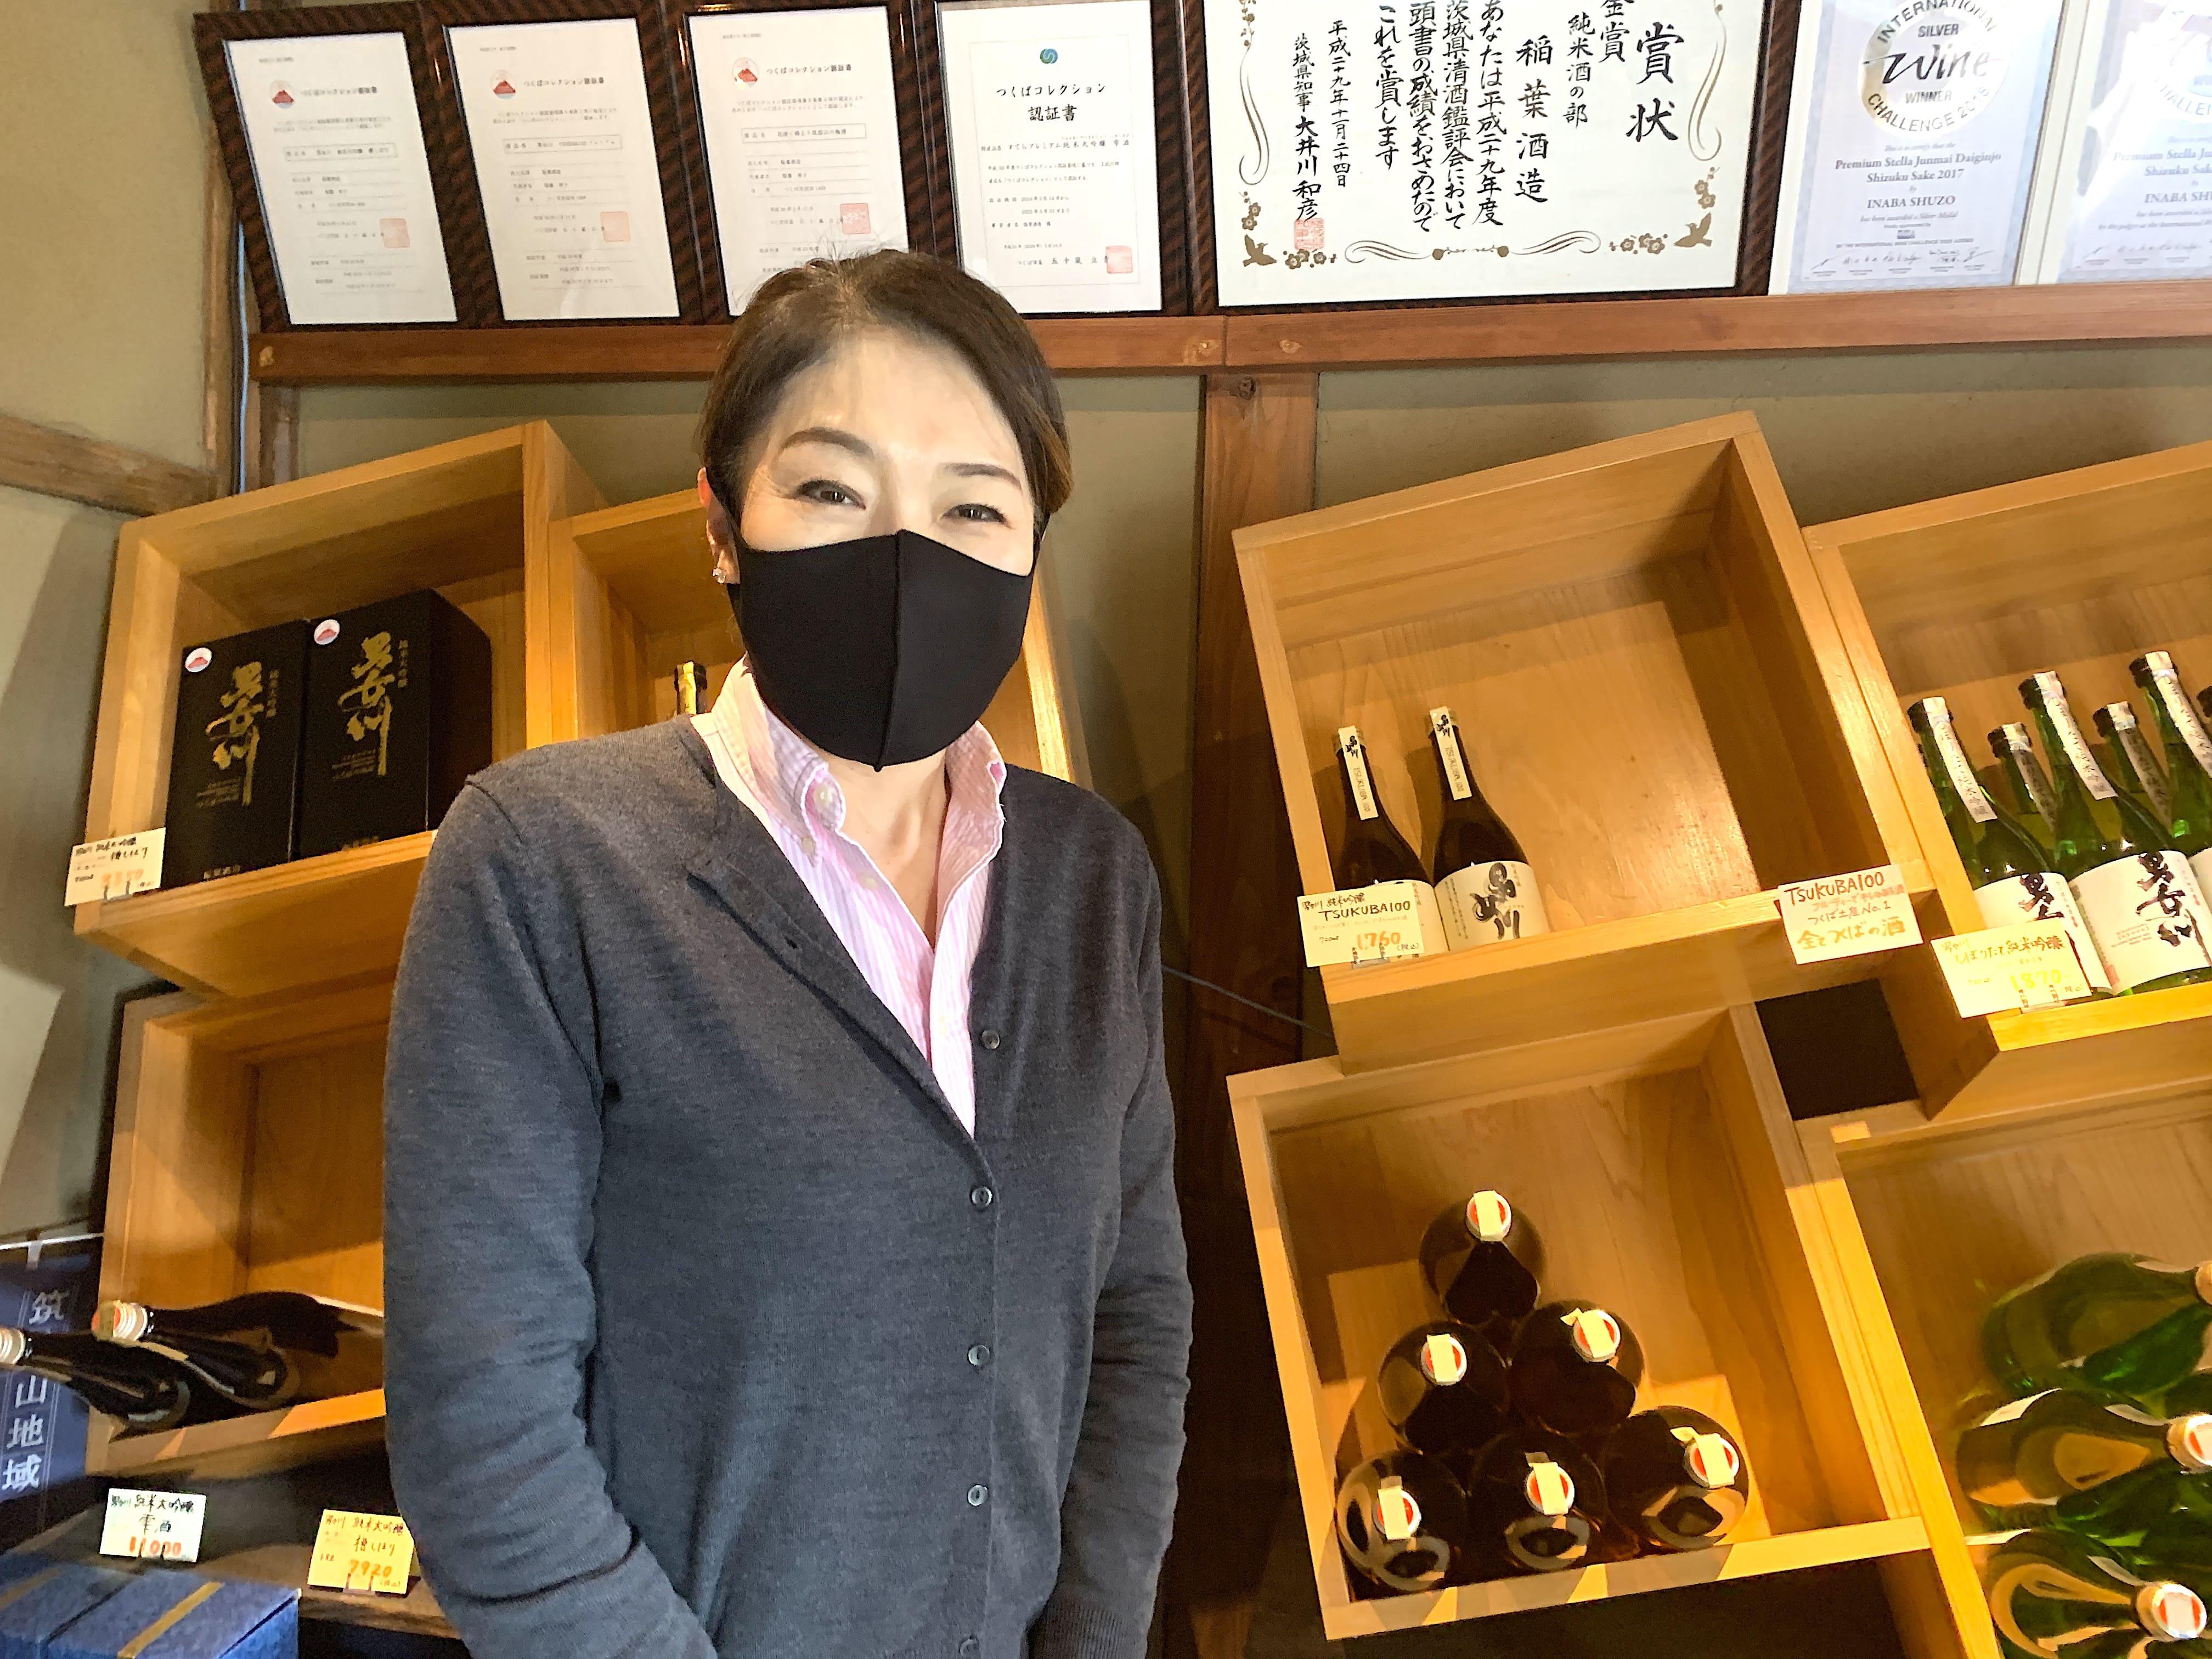 6代目蔵元杜氏の稲葉伸子さん。家業を継ぐと奮起したのは、企業勤めと子育て真っ最中の30歳。「女性杜氏が本当に珍しい時代で、だからこそ努力する原動力になりました」と話す。